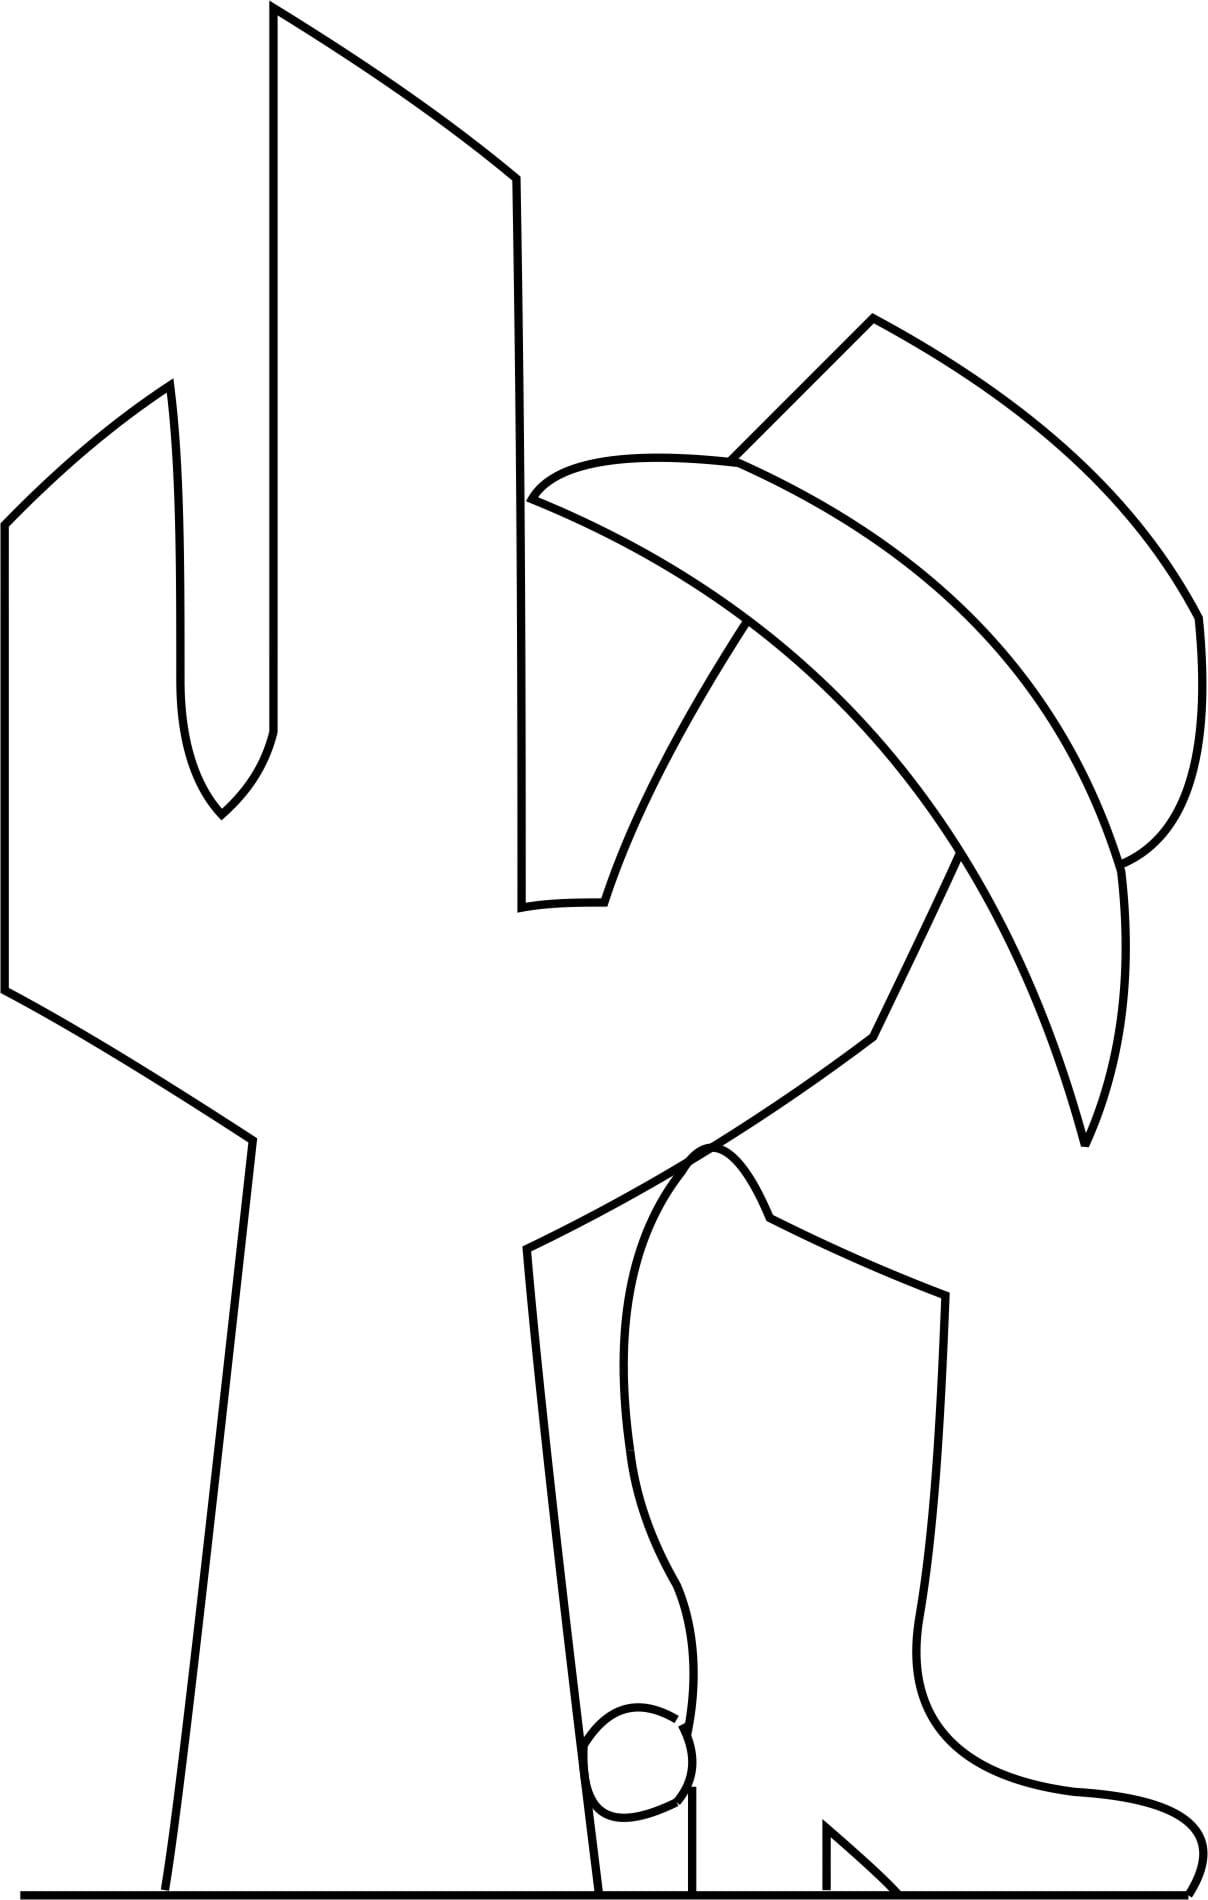 Miscellaneous Templates - IceSculptingTools.com